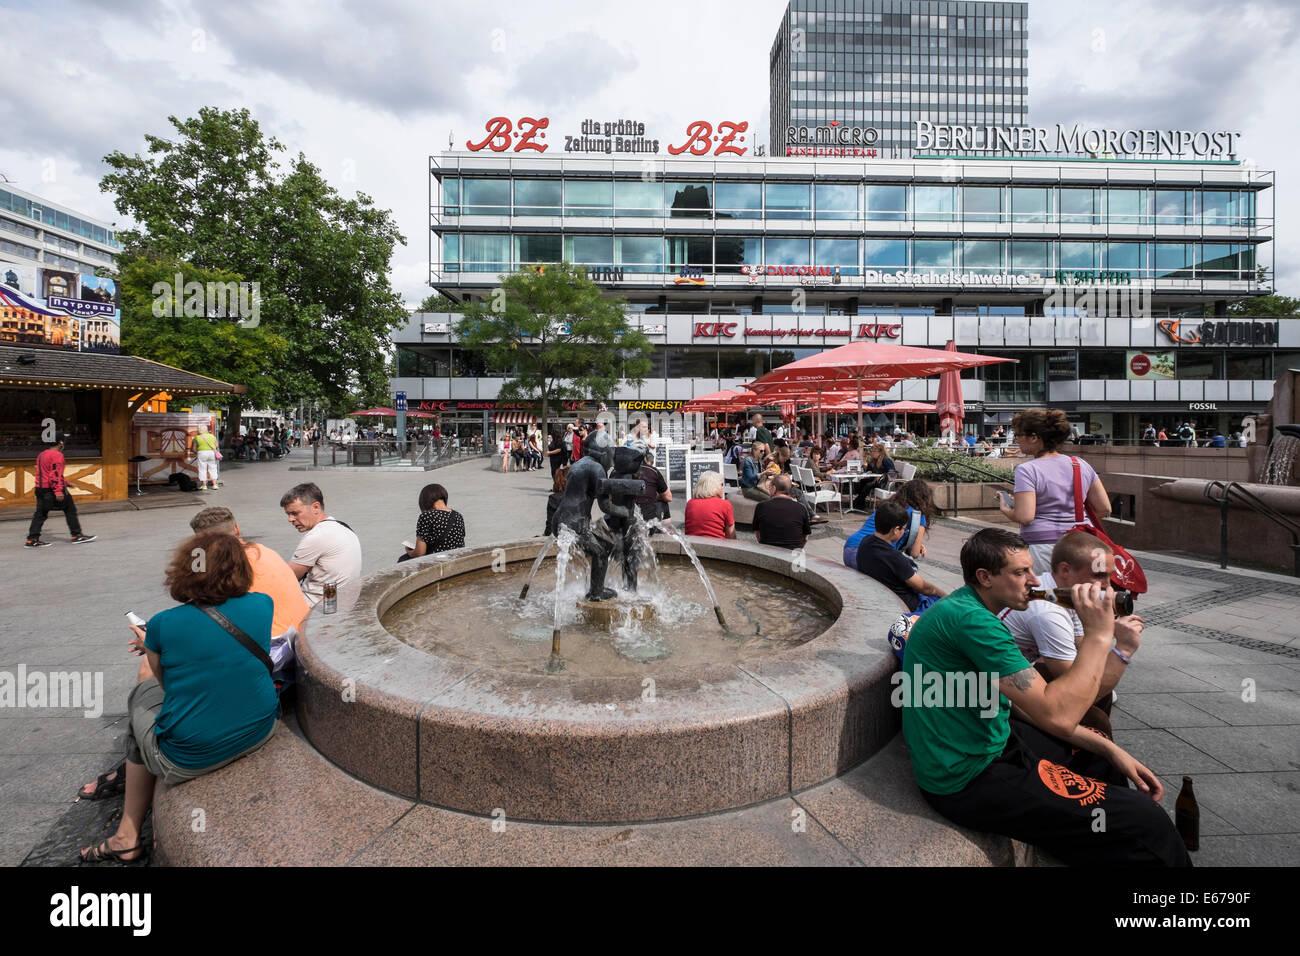 Il centro commerciale Europa Center a Charlottenburg Berlino Germania Immagini Stock